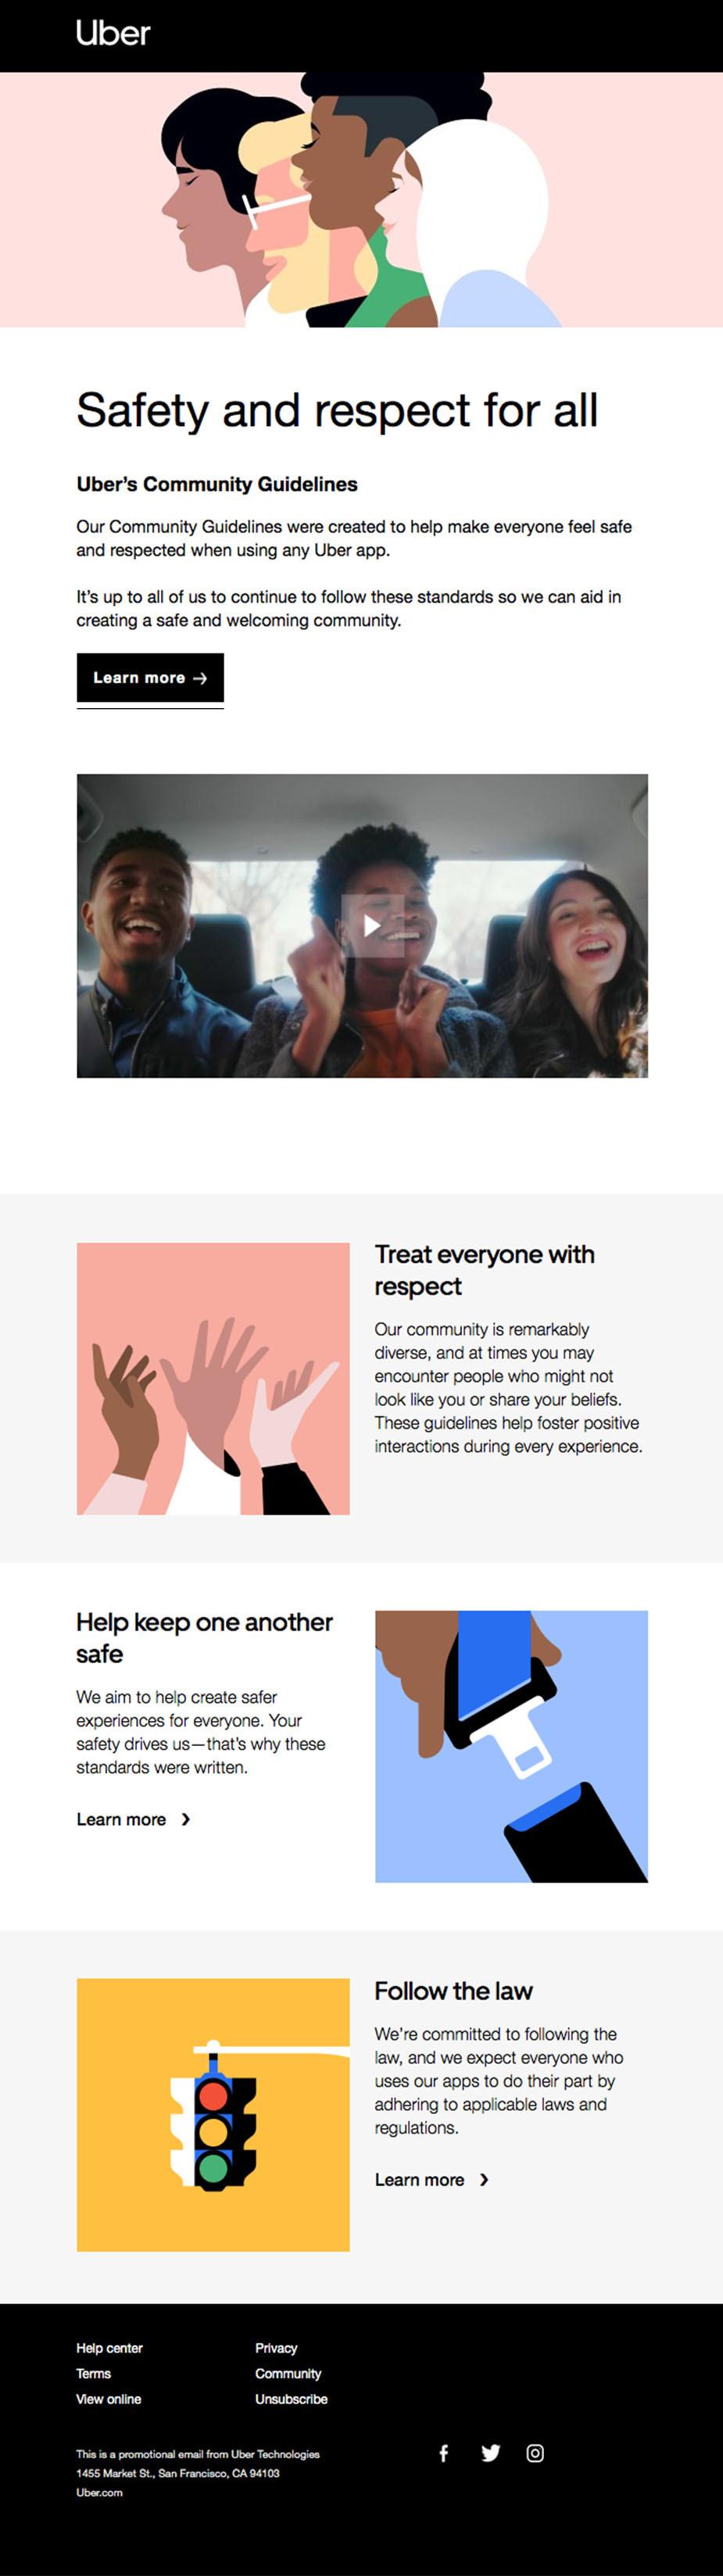 Uber newsletter design